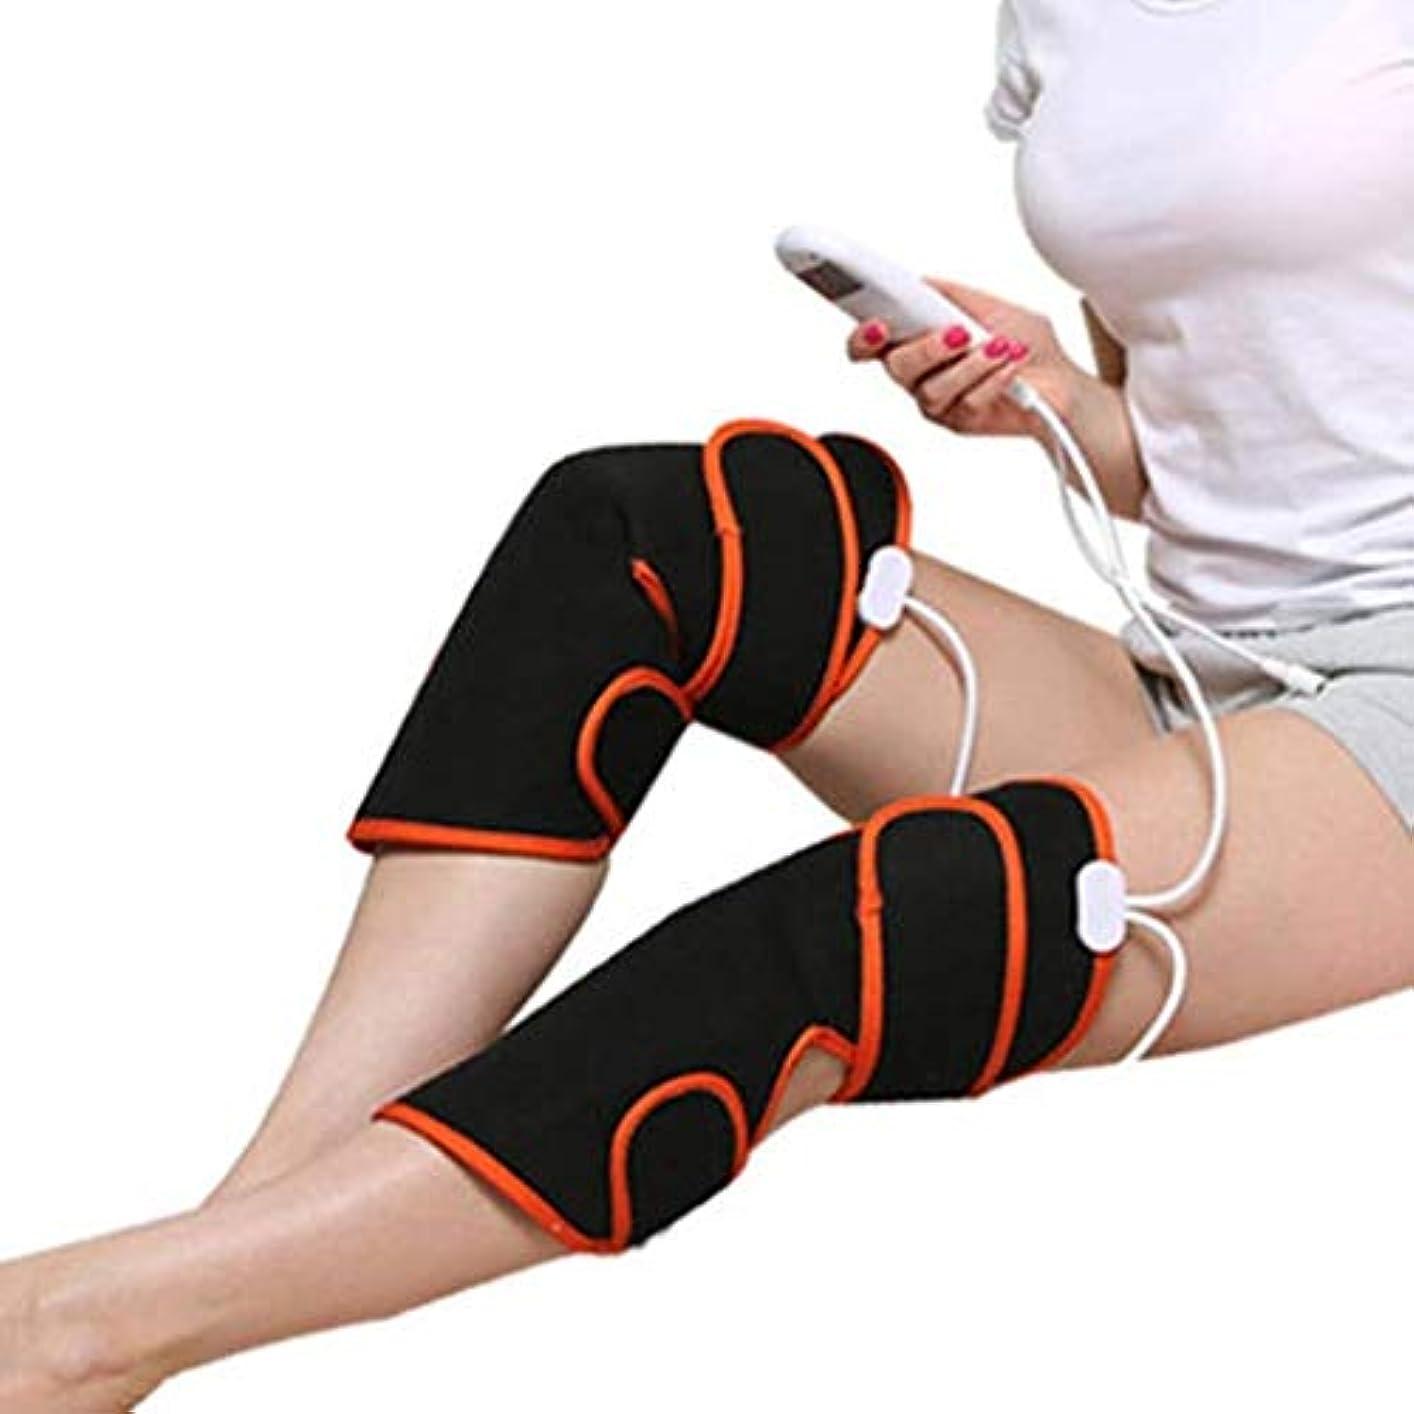 自分自身マリン要旨暖房付き膝マッサージャー、電動バイブレーションマッサージャー、膝マッサージャーを定期的に加熱できます、筋肉の痛みを緩和するモード、9モード、冷たい脚、骨過形成患者、術後リハビリ